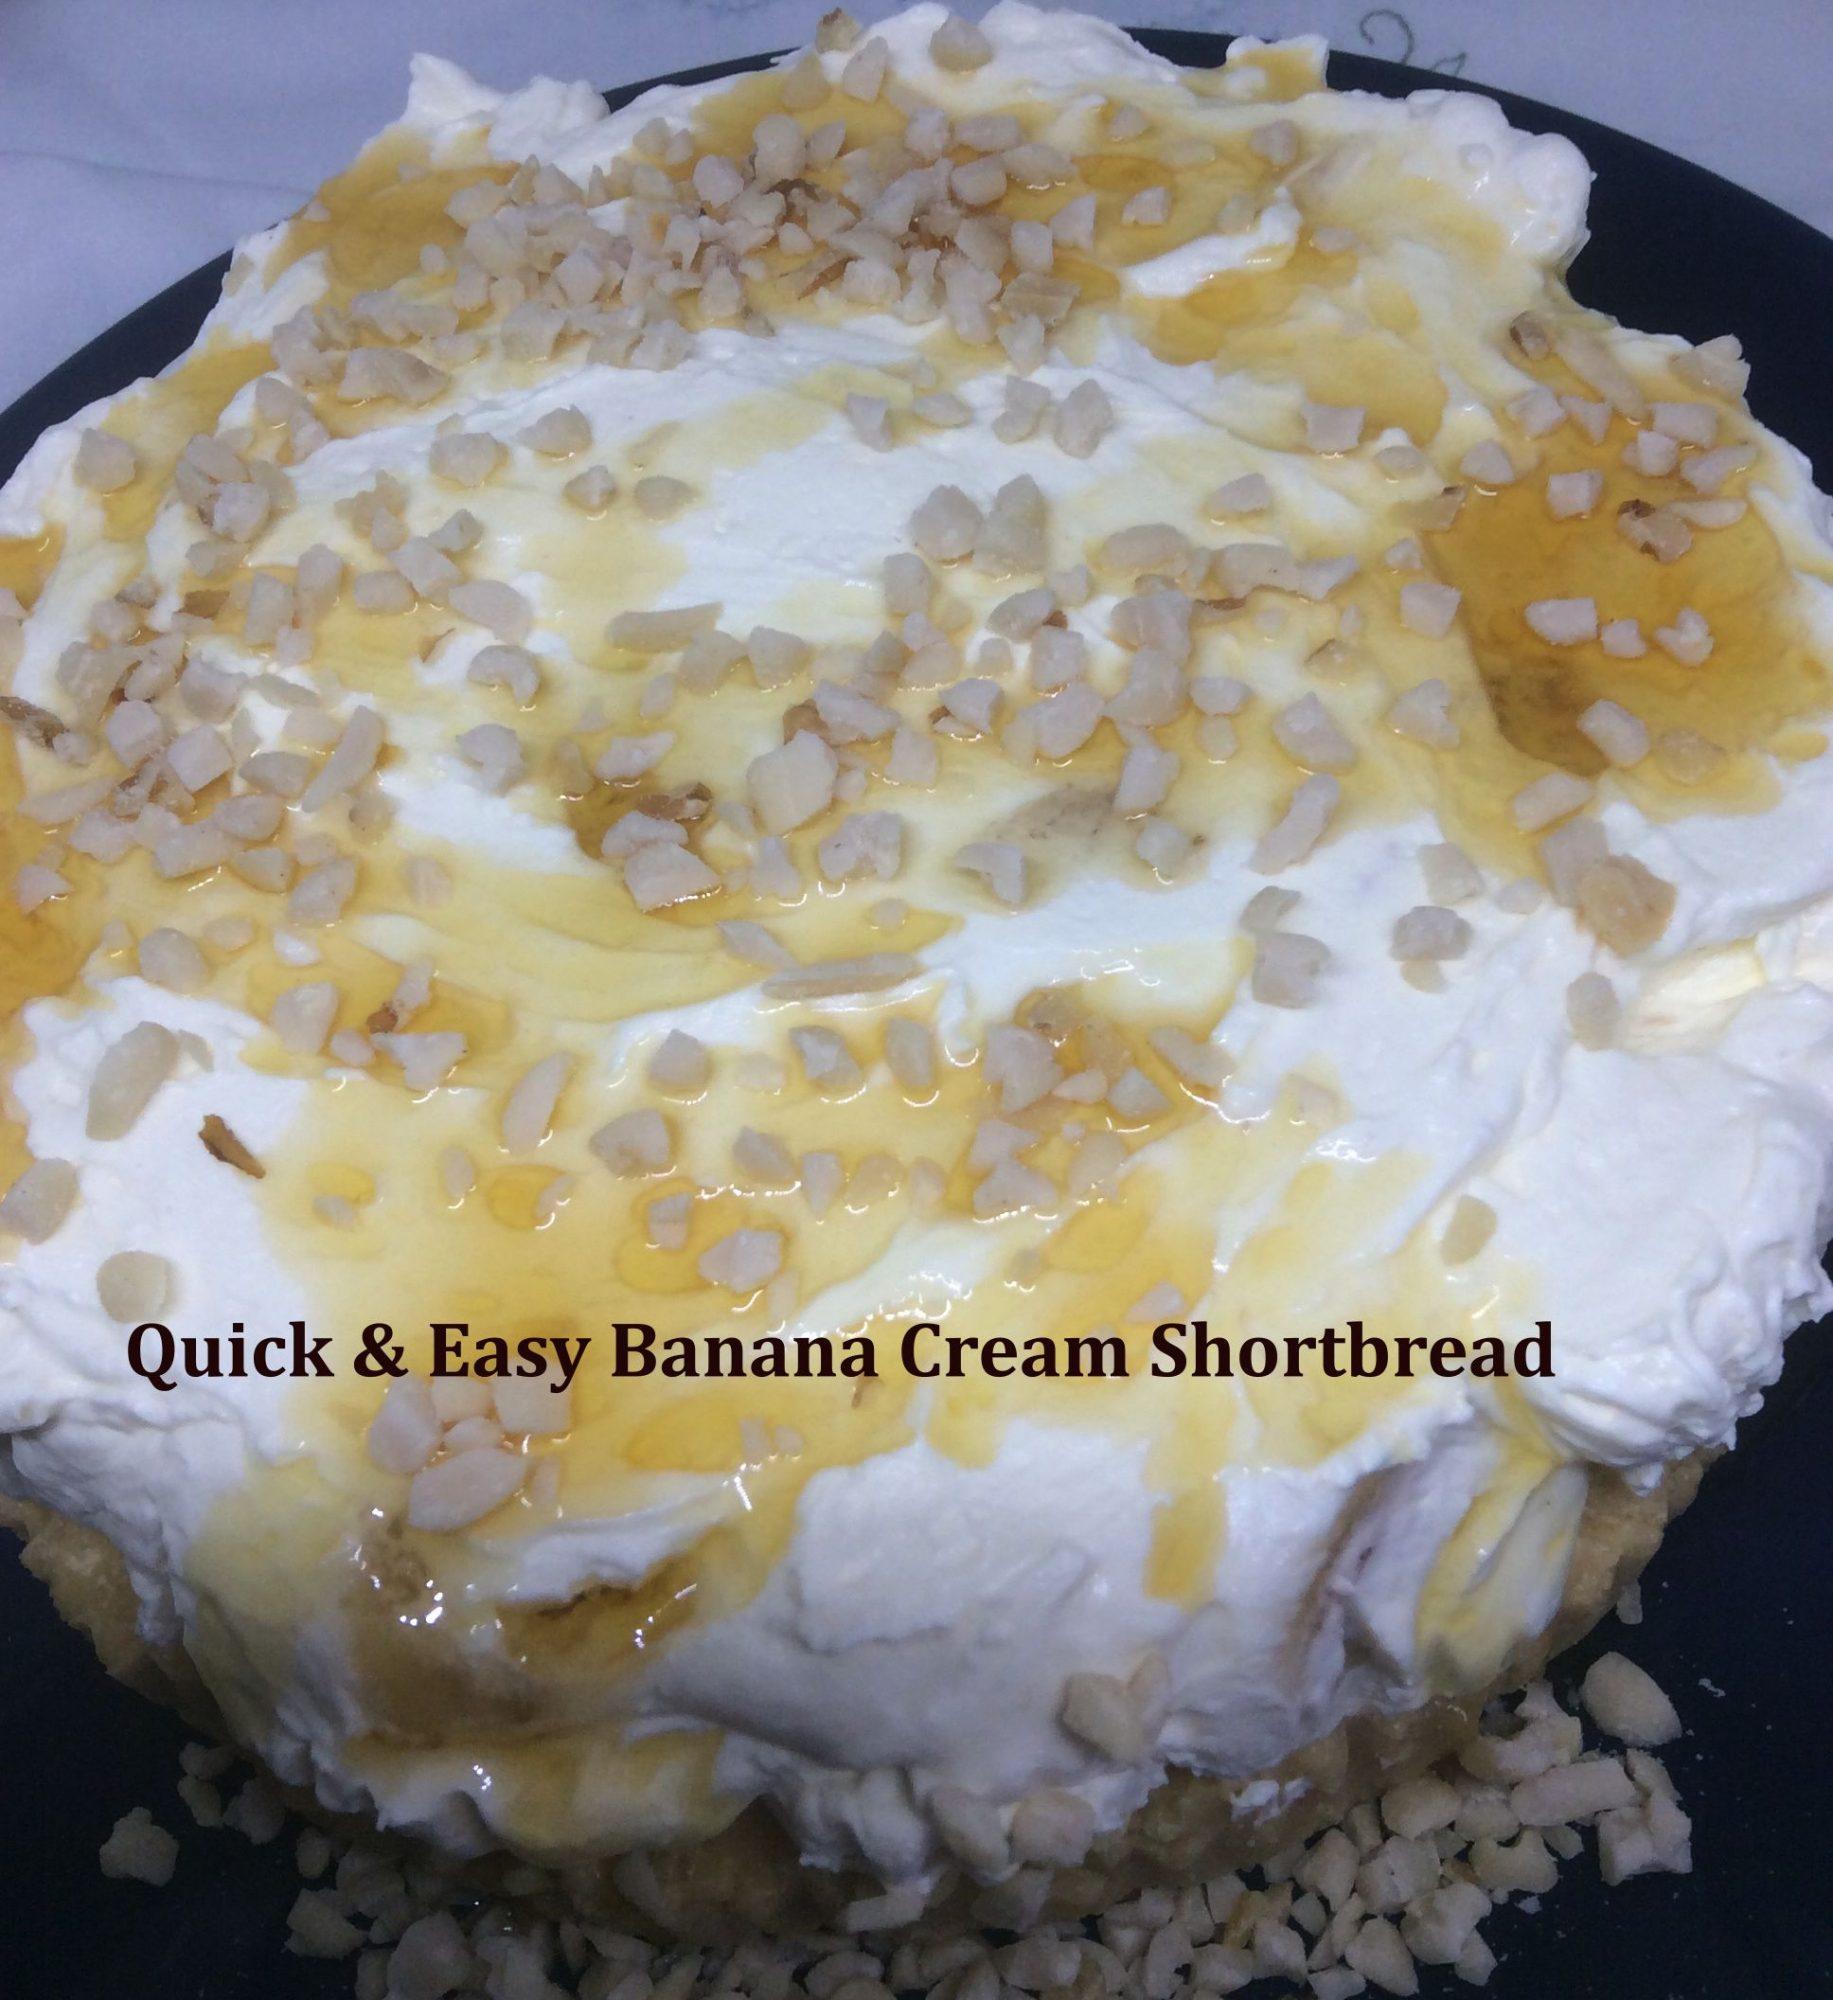 Banana Cream Shortbread